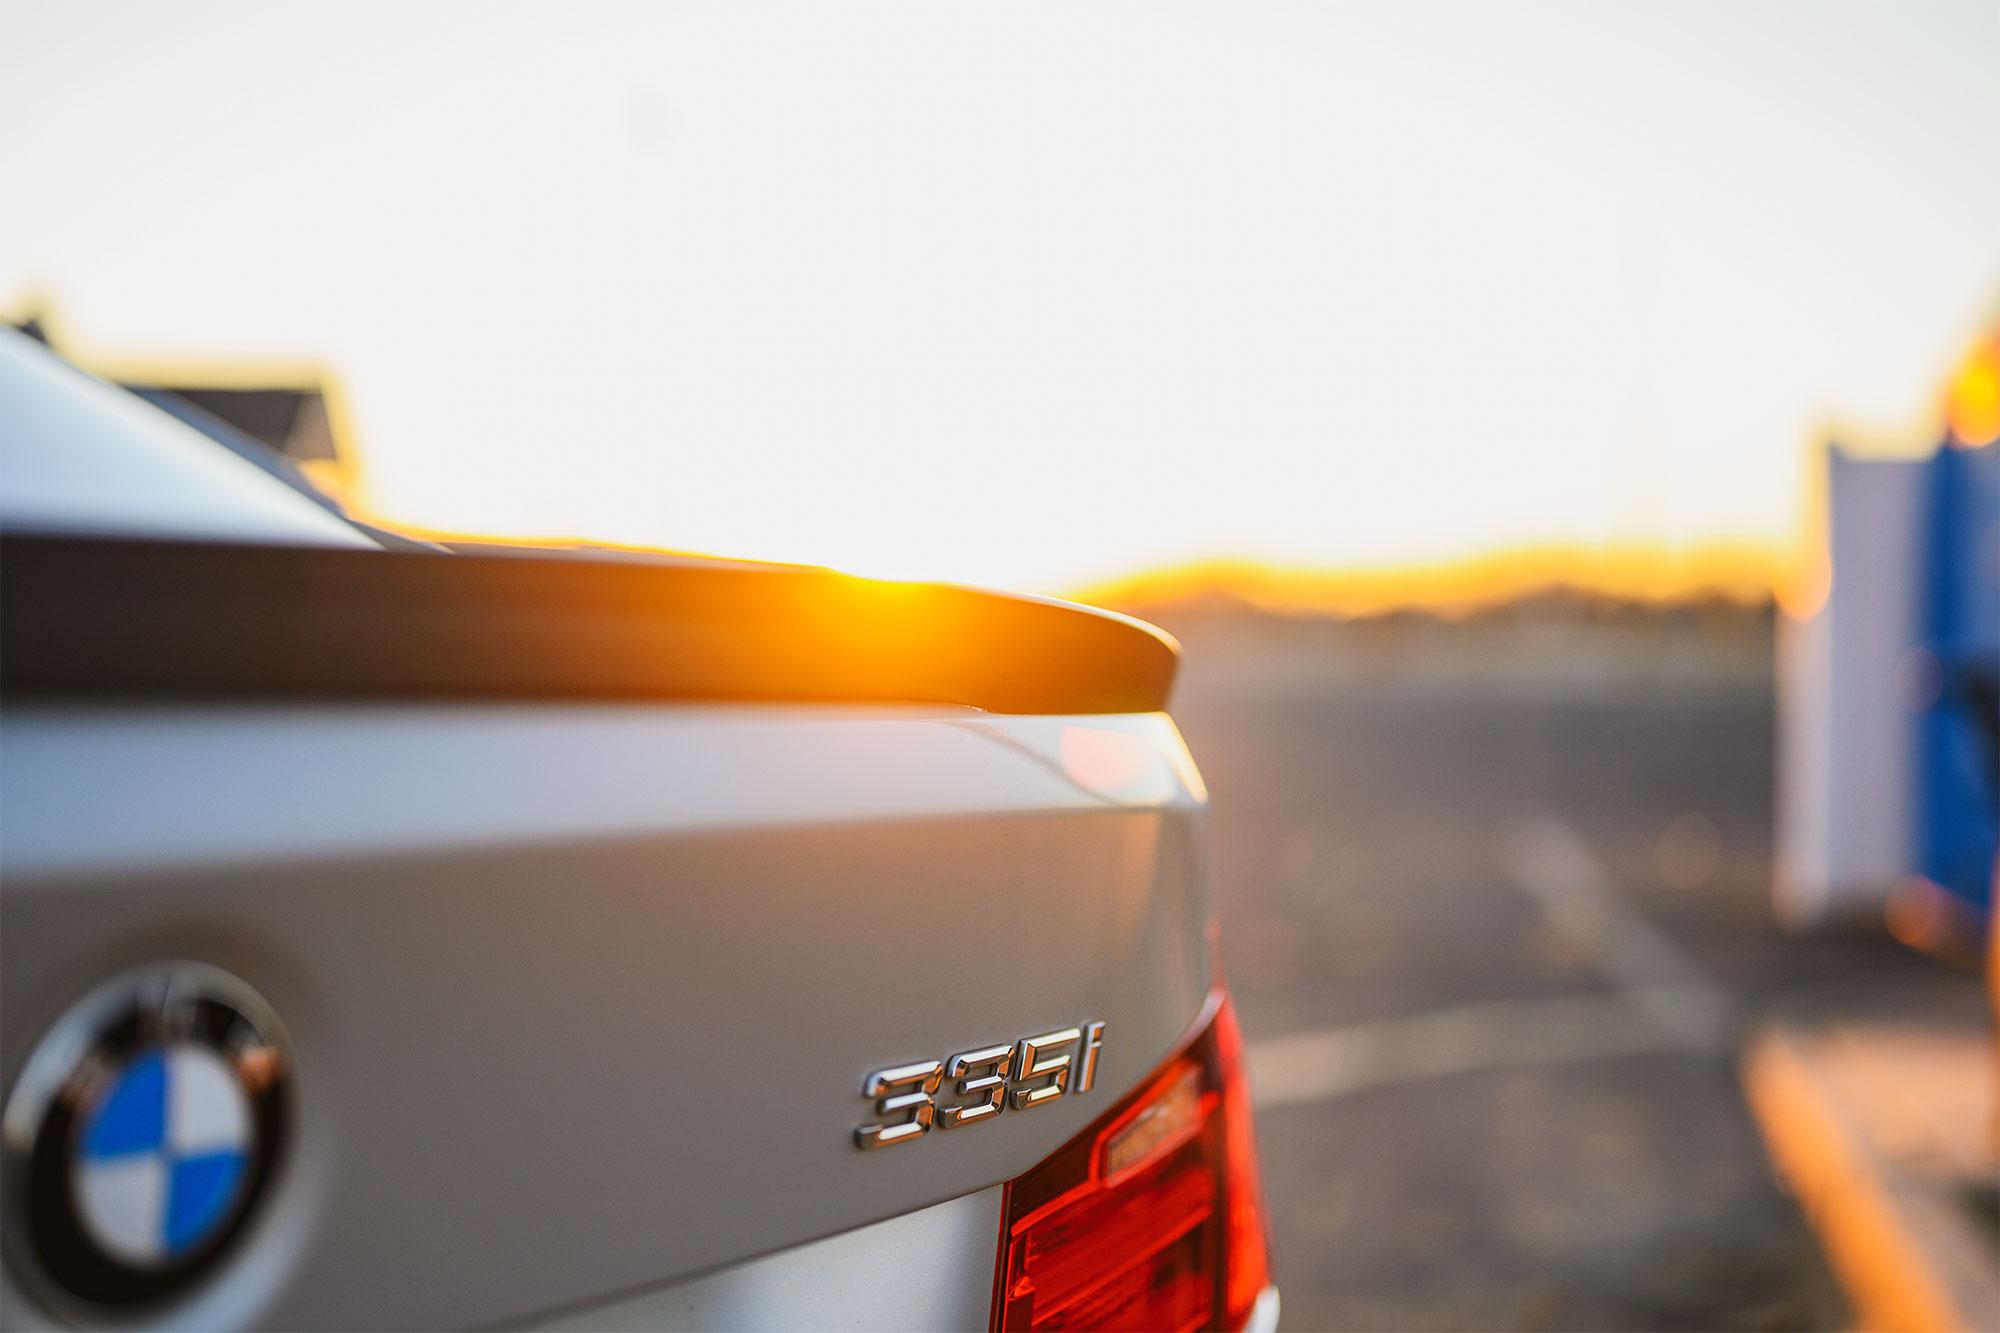 BMW 335i spoiler